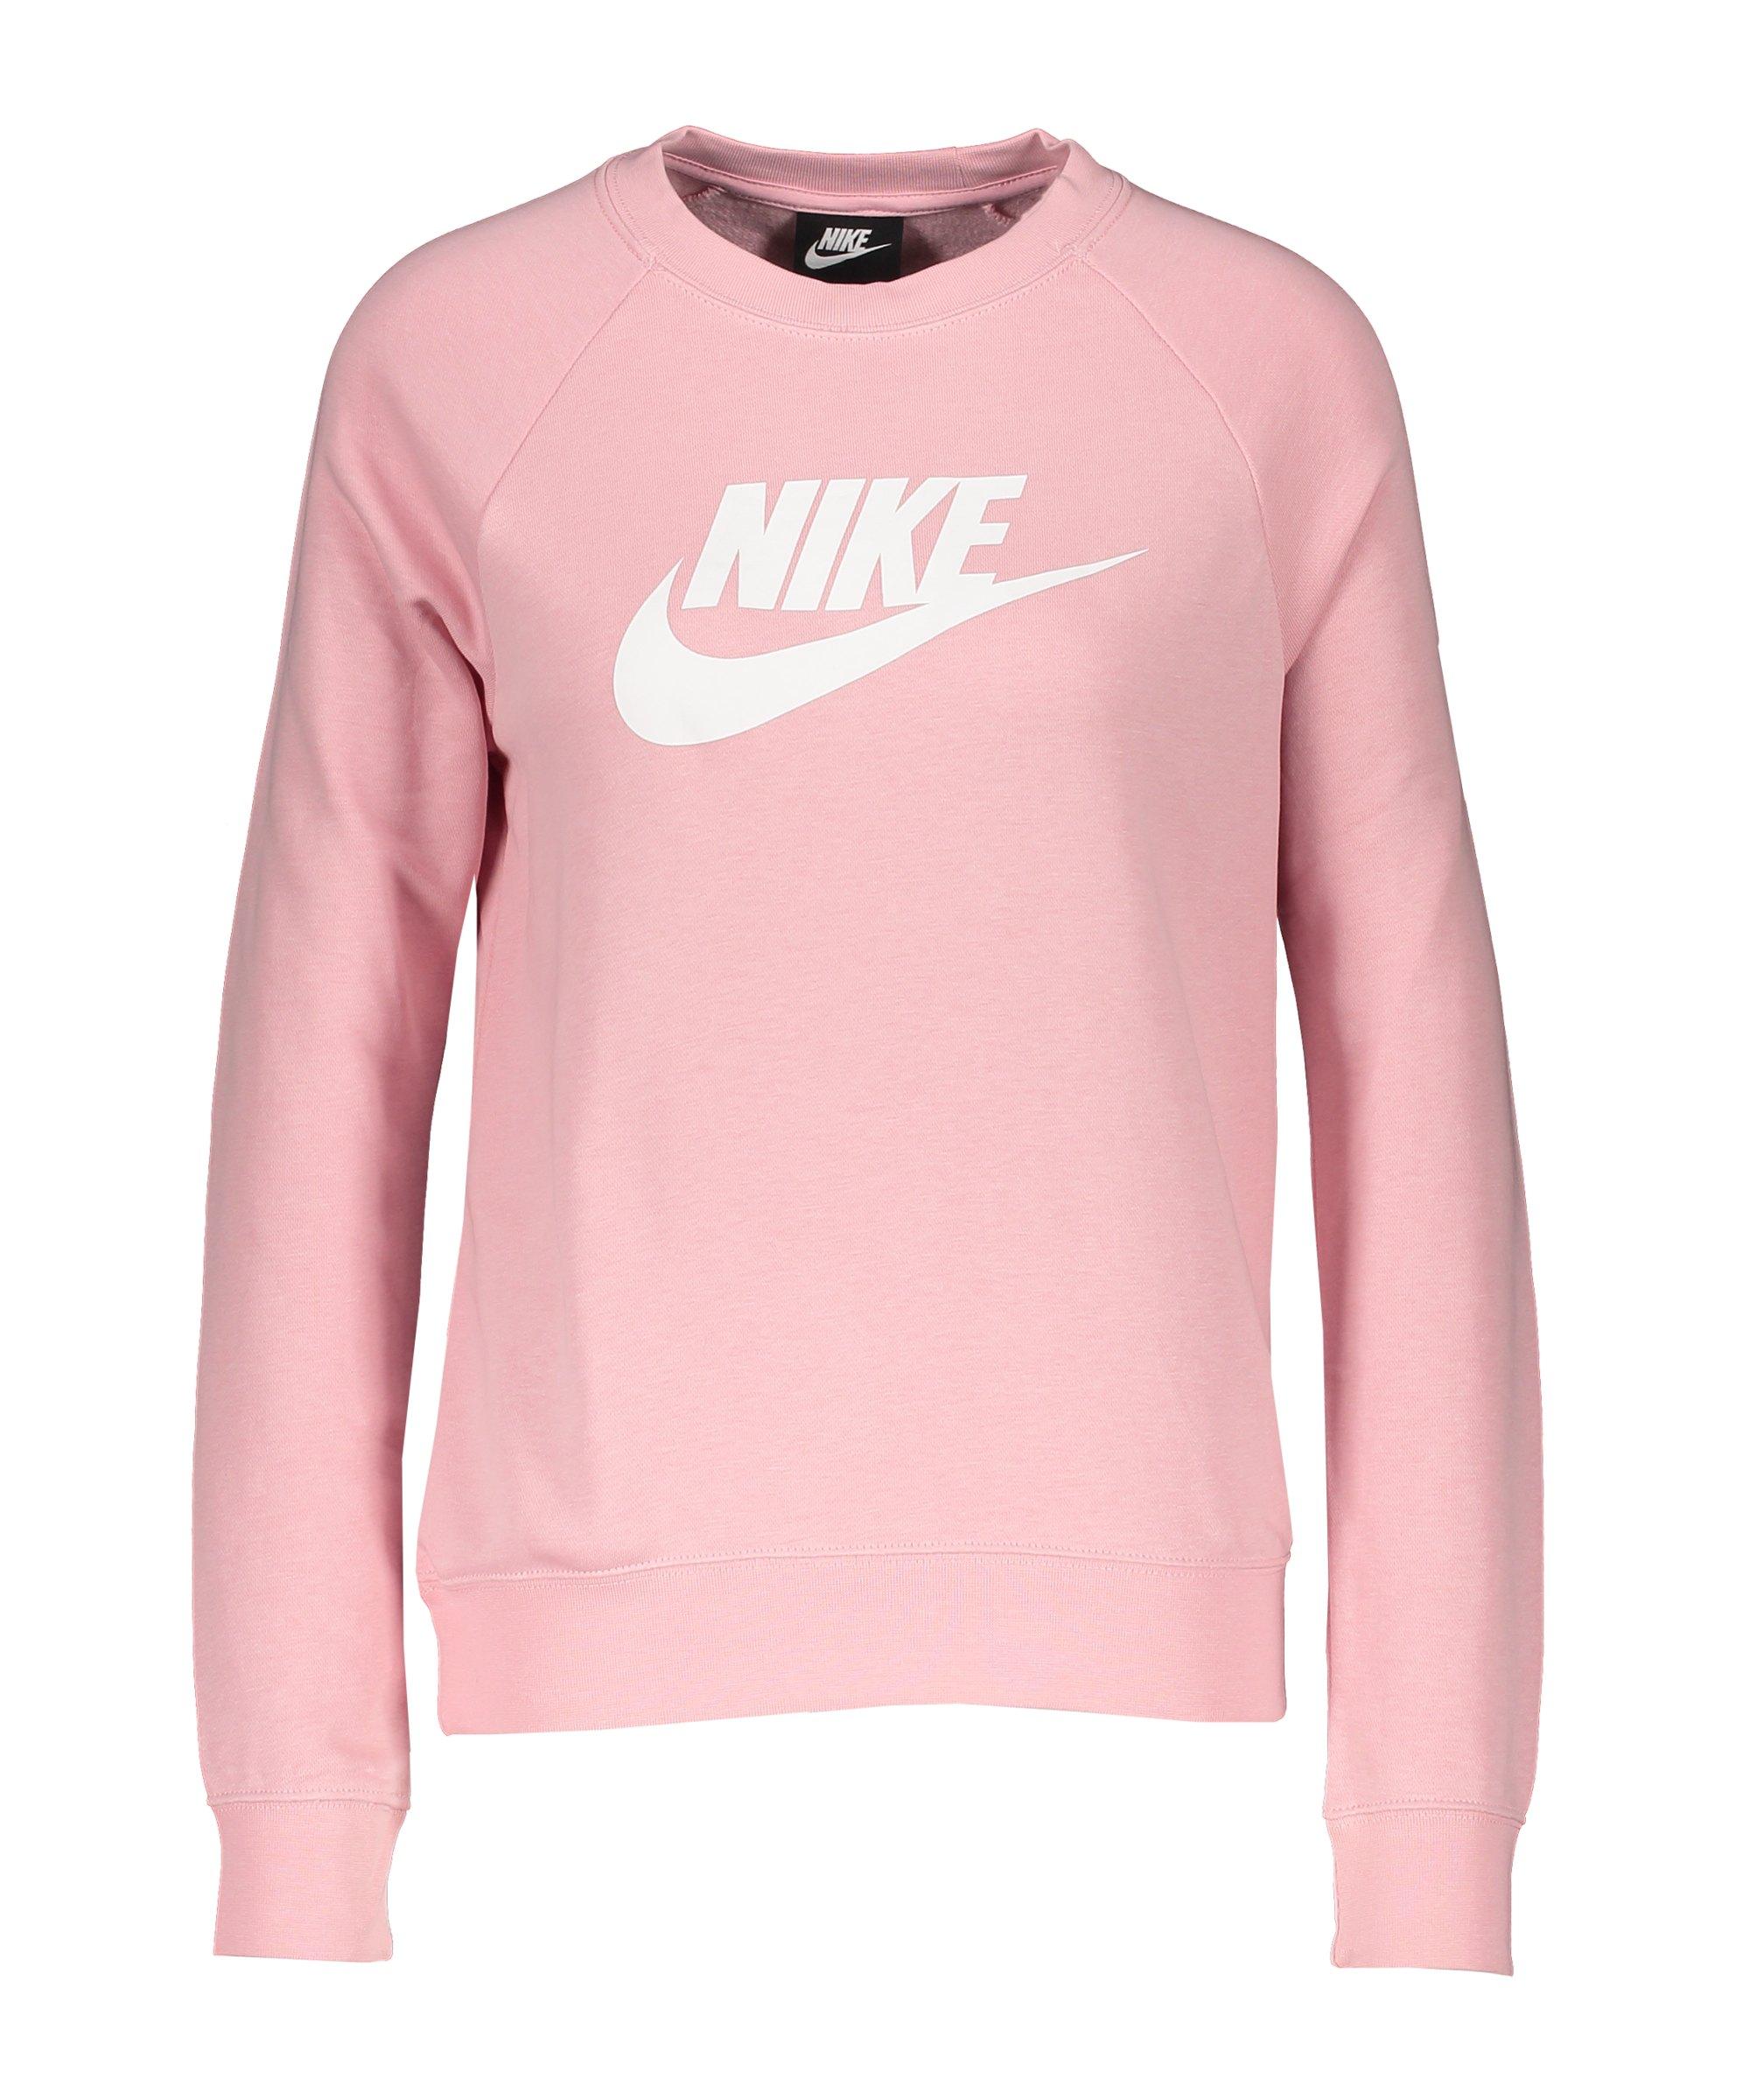 Nike Crew Fleece Sweatshirt Damen Pink Weiss F632 - pink